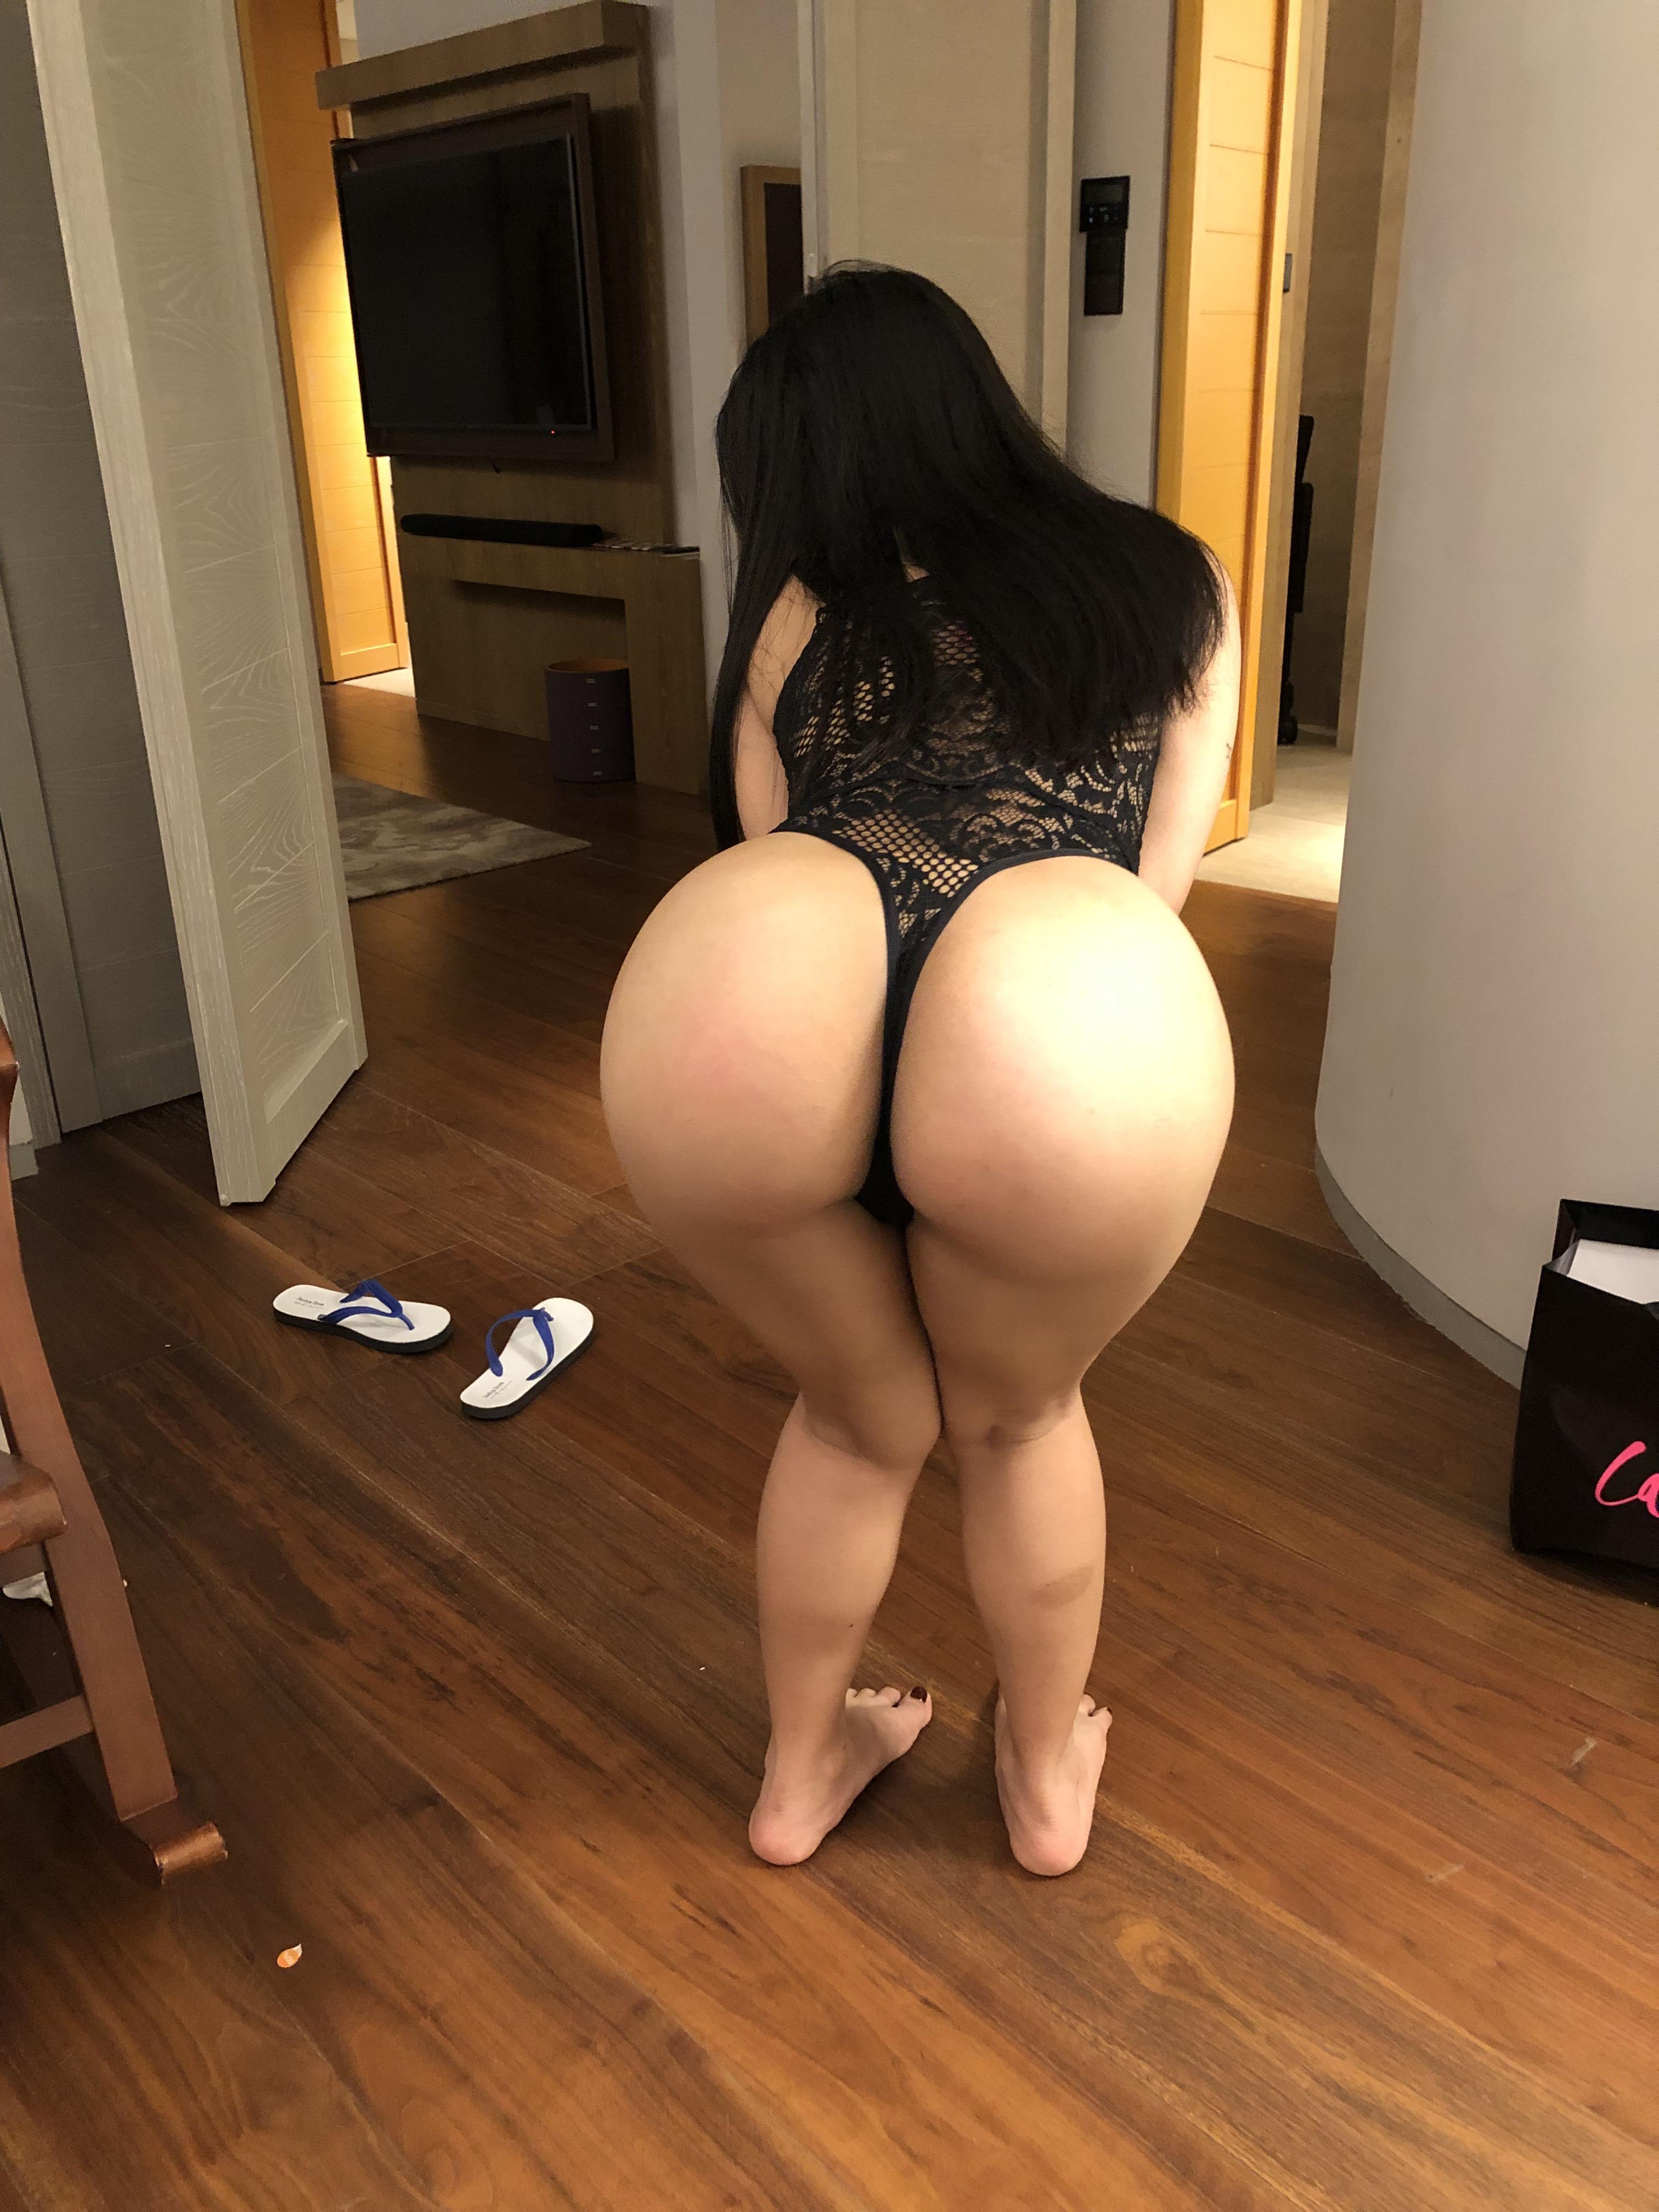 Phat ass videos